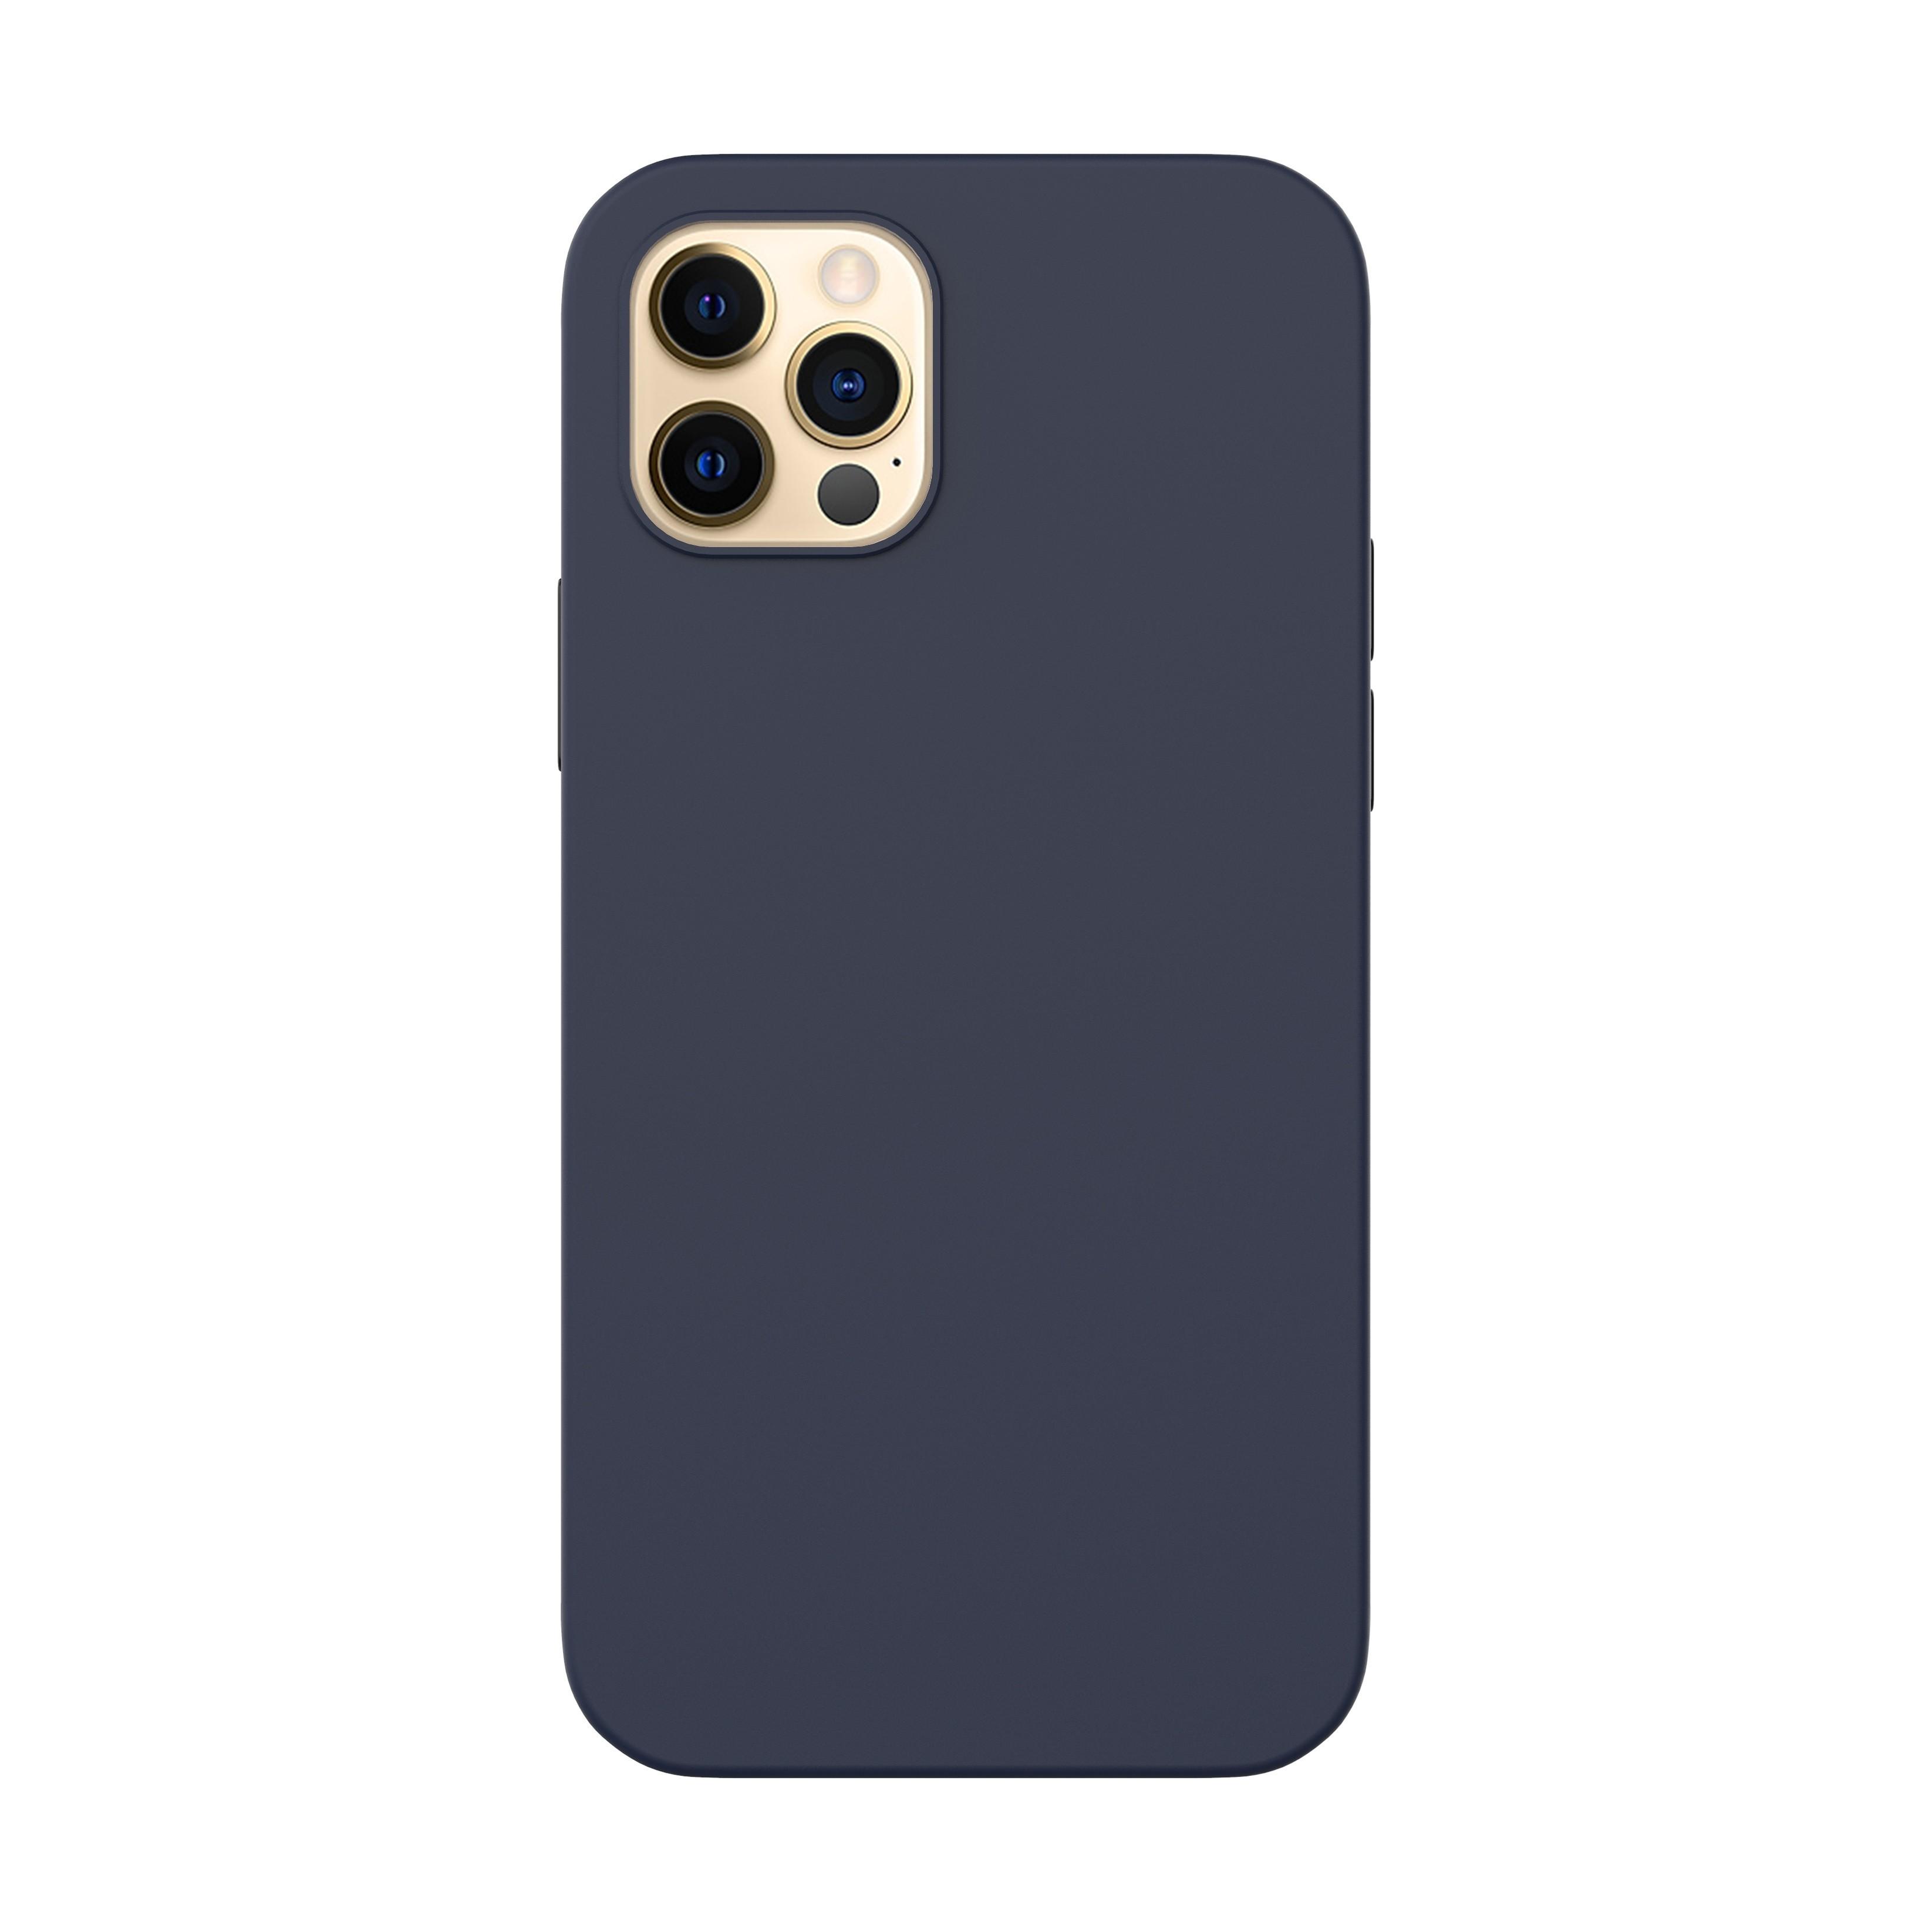 Capac protectie spate cellara din silicon colectia slim pentru iphone 12/12 pro - albastru